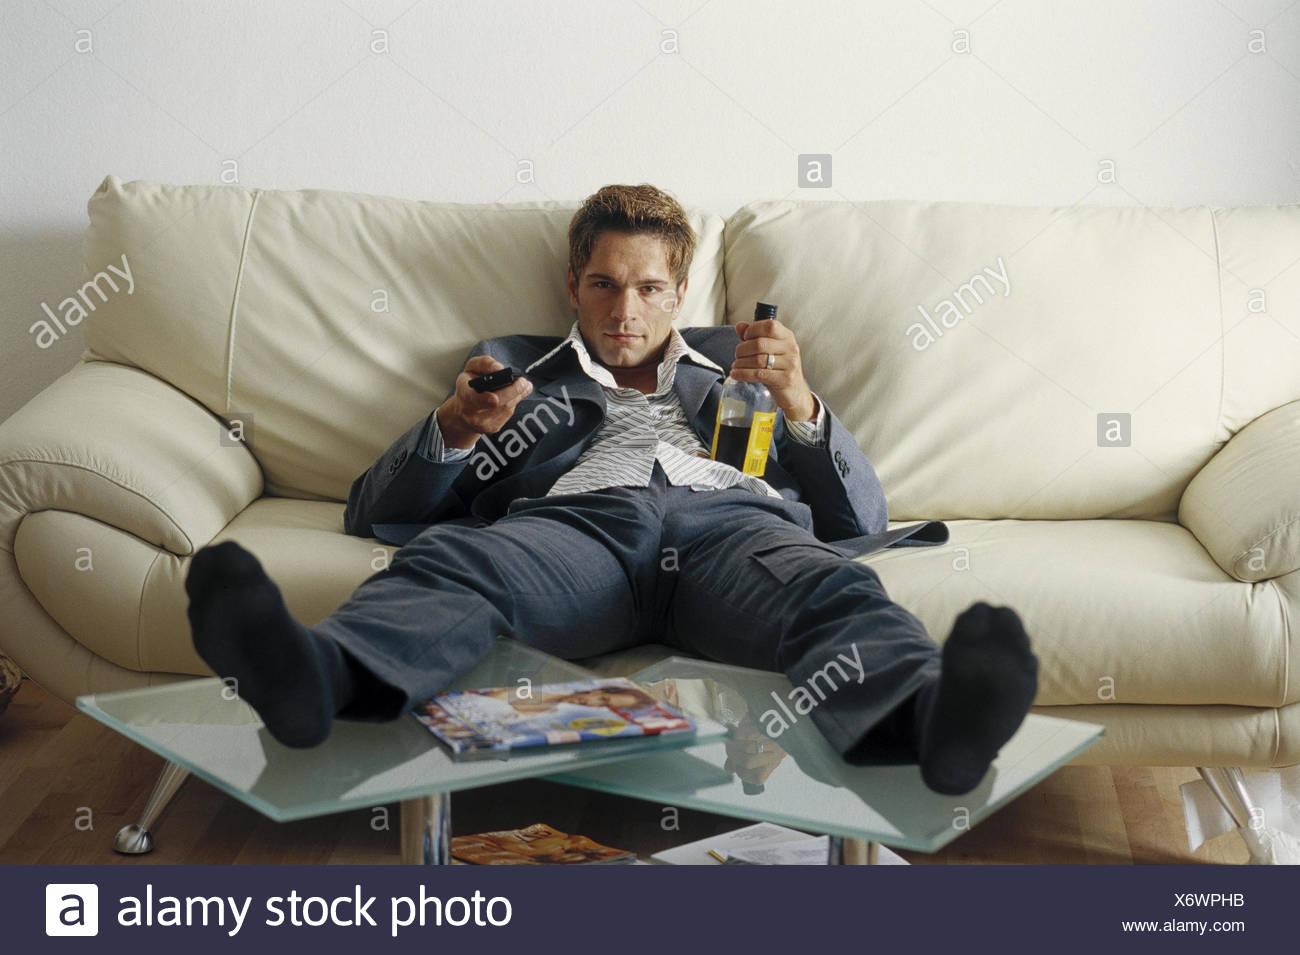 Mann Sitzen Junge Sofa Fernsehen Schnaps Flasche Einsam